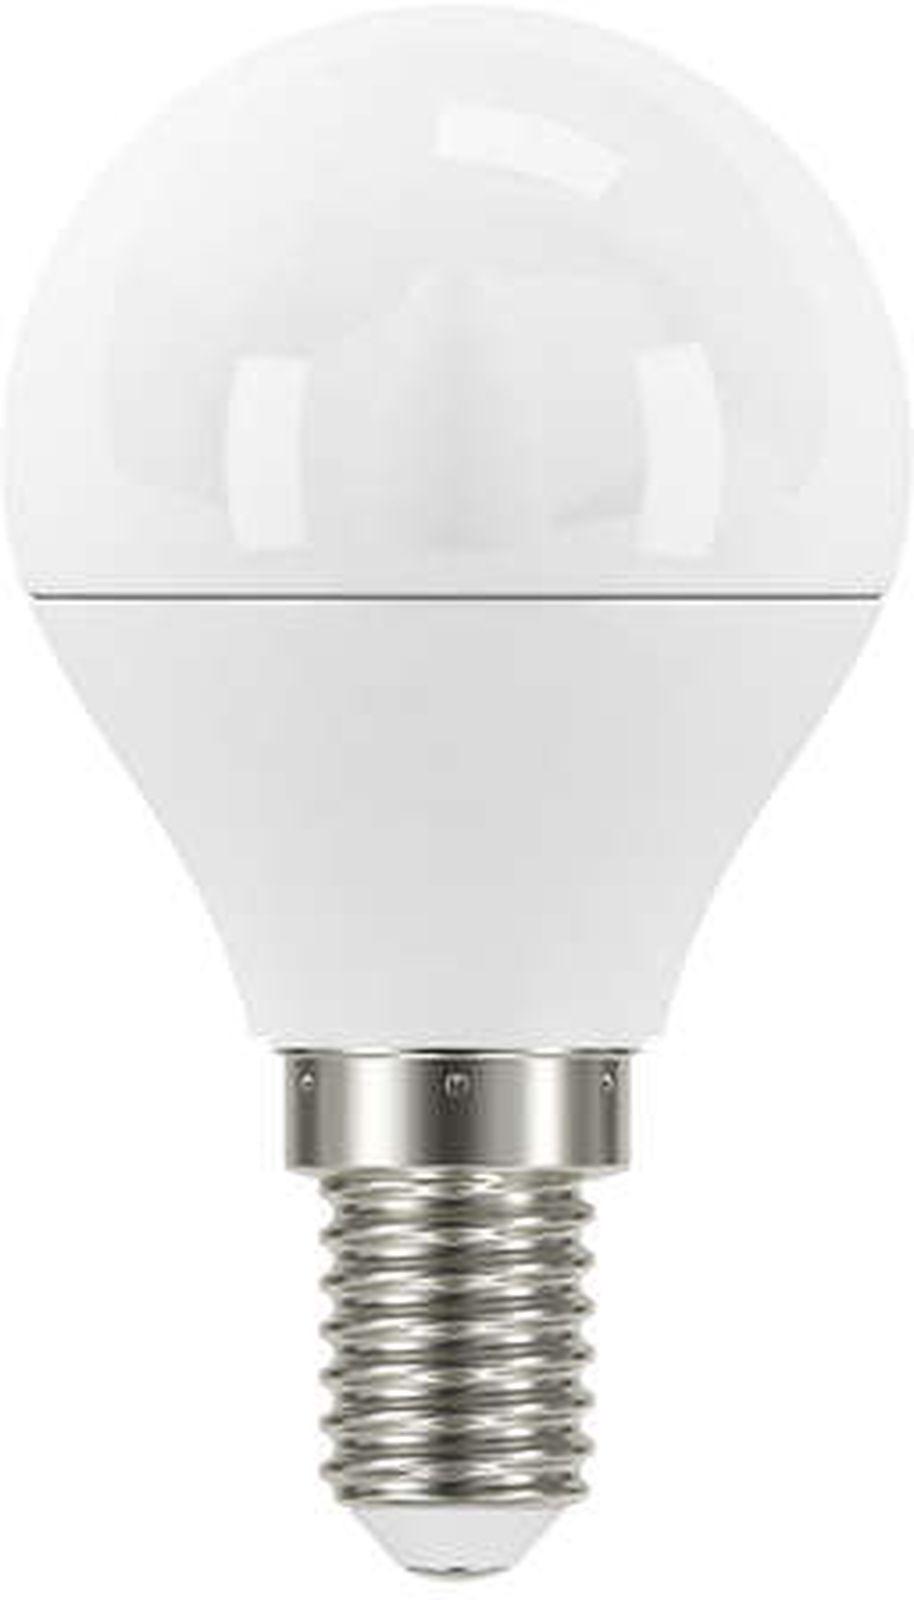 Лампочка Ledvance Osram светодиодная LEDSCLP60, Теплый свет 6,5 Вт, Светодиодная цена